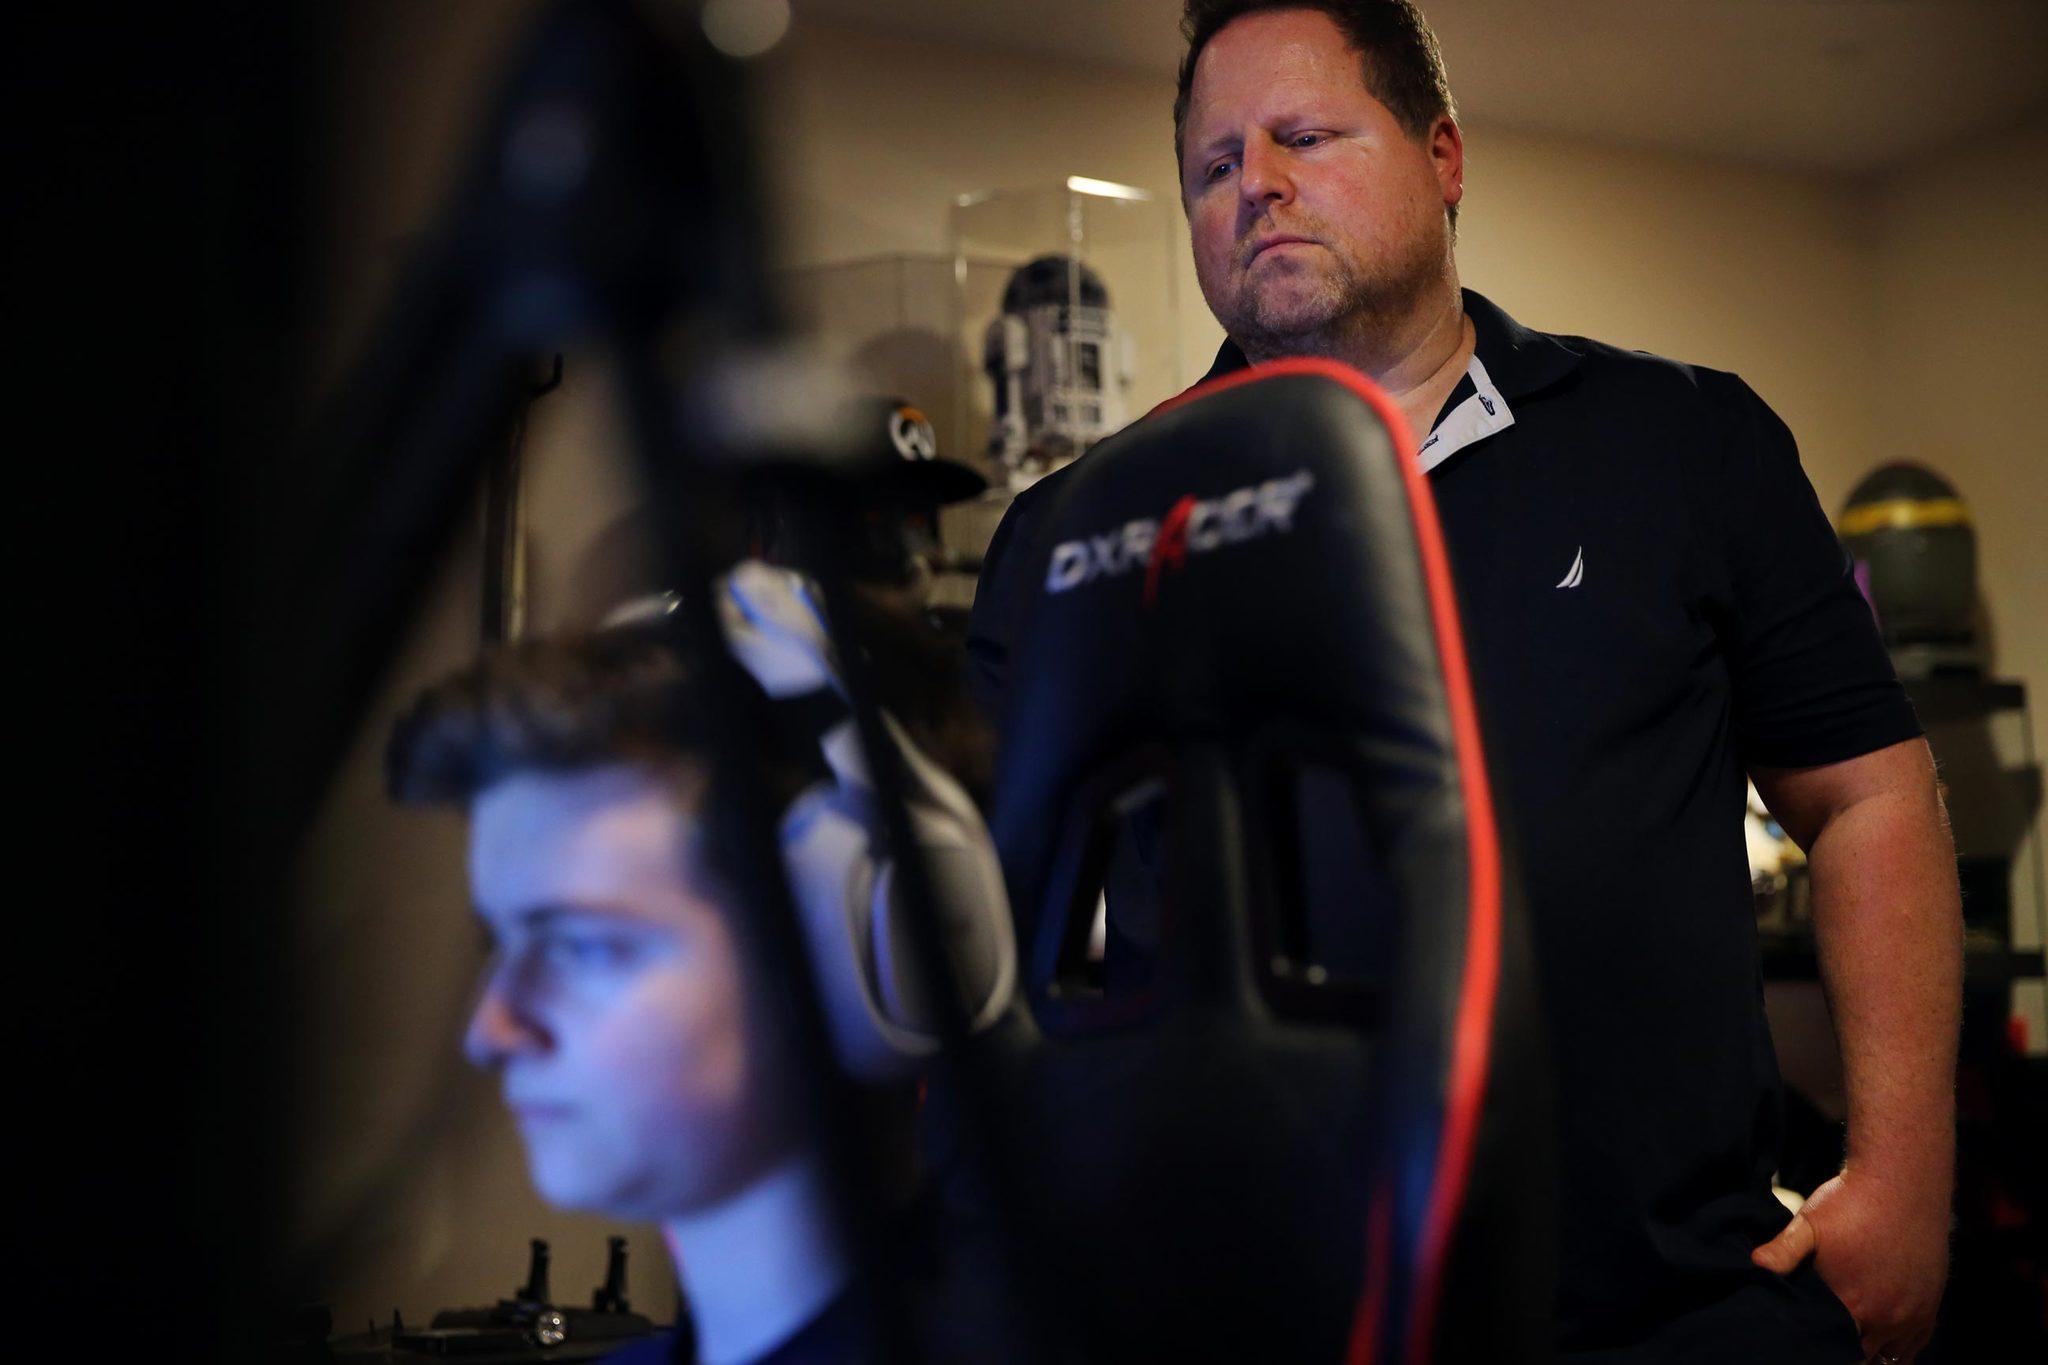 David observa a su hijo mientras éste juega una partida.